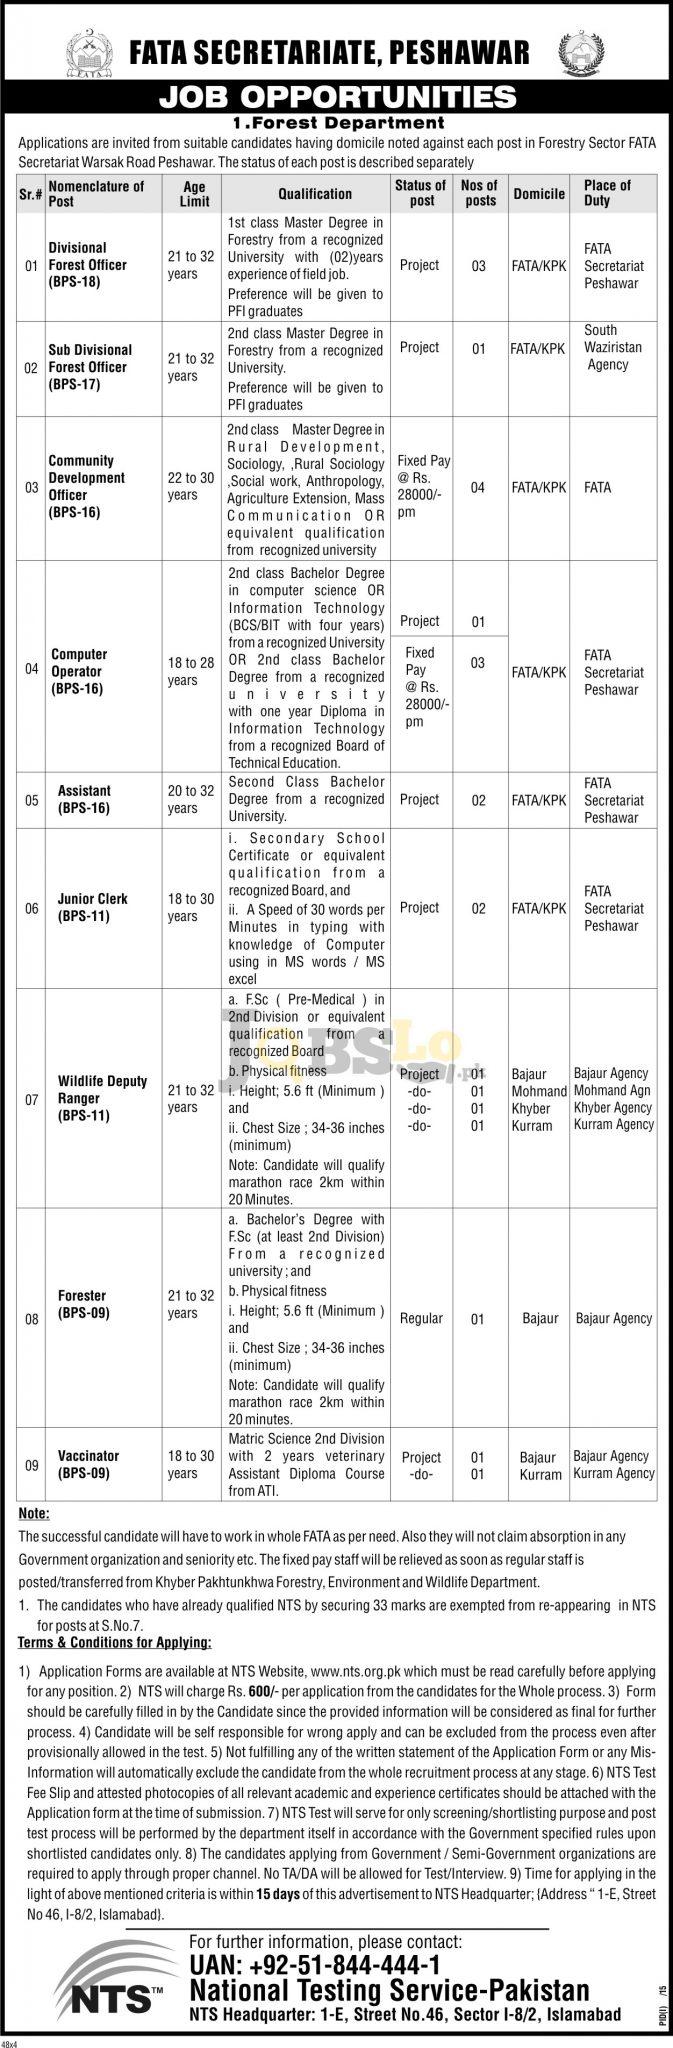 FATA Secretariat Peshawar Jobs Nov 2016 NTS Test & Sample Paper